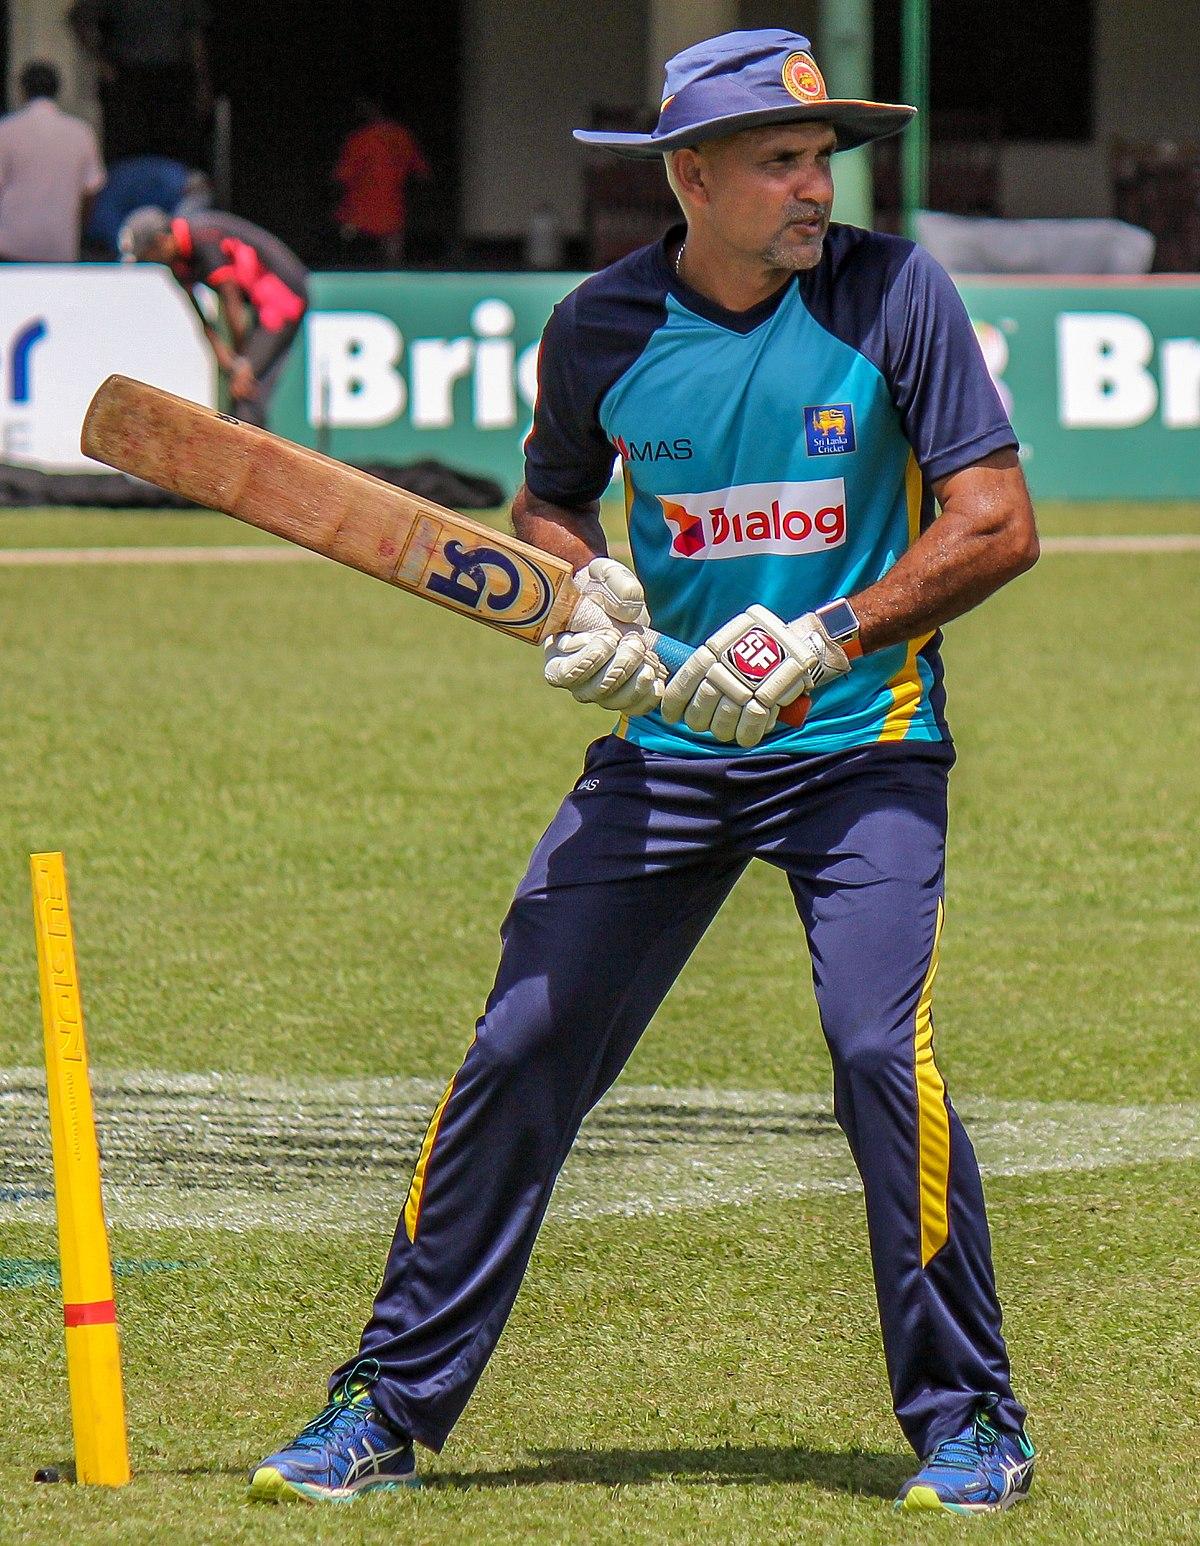 श्रीलंका टीम के पूर्व कप्तान मर्वन अटापट्टू ने बताया कि किस कारण टीम इस हालात में पहुँची श्रीलंका 3